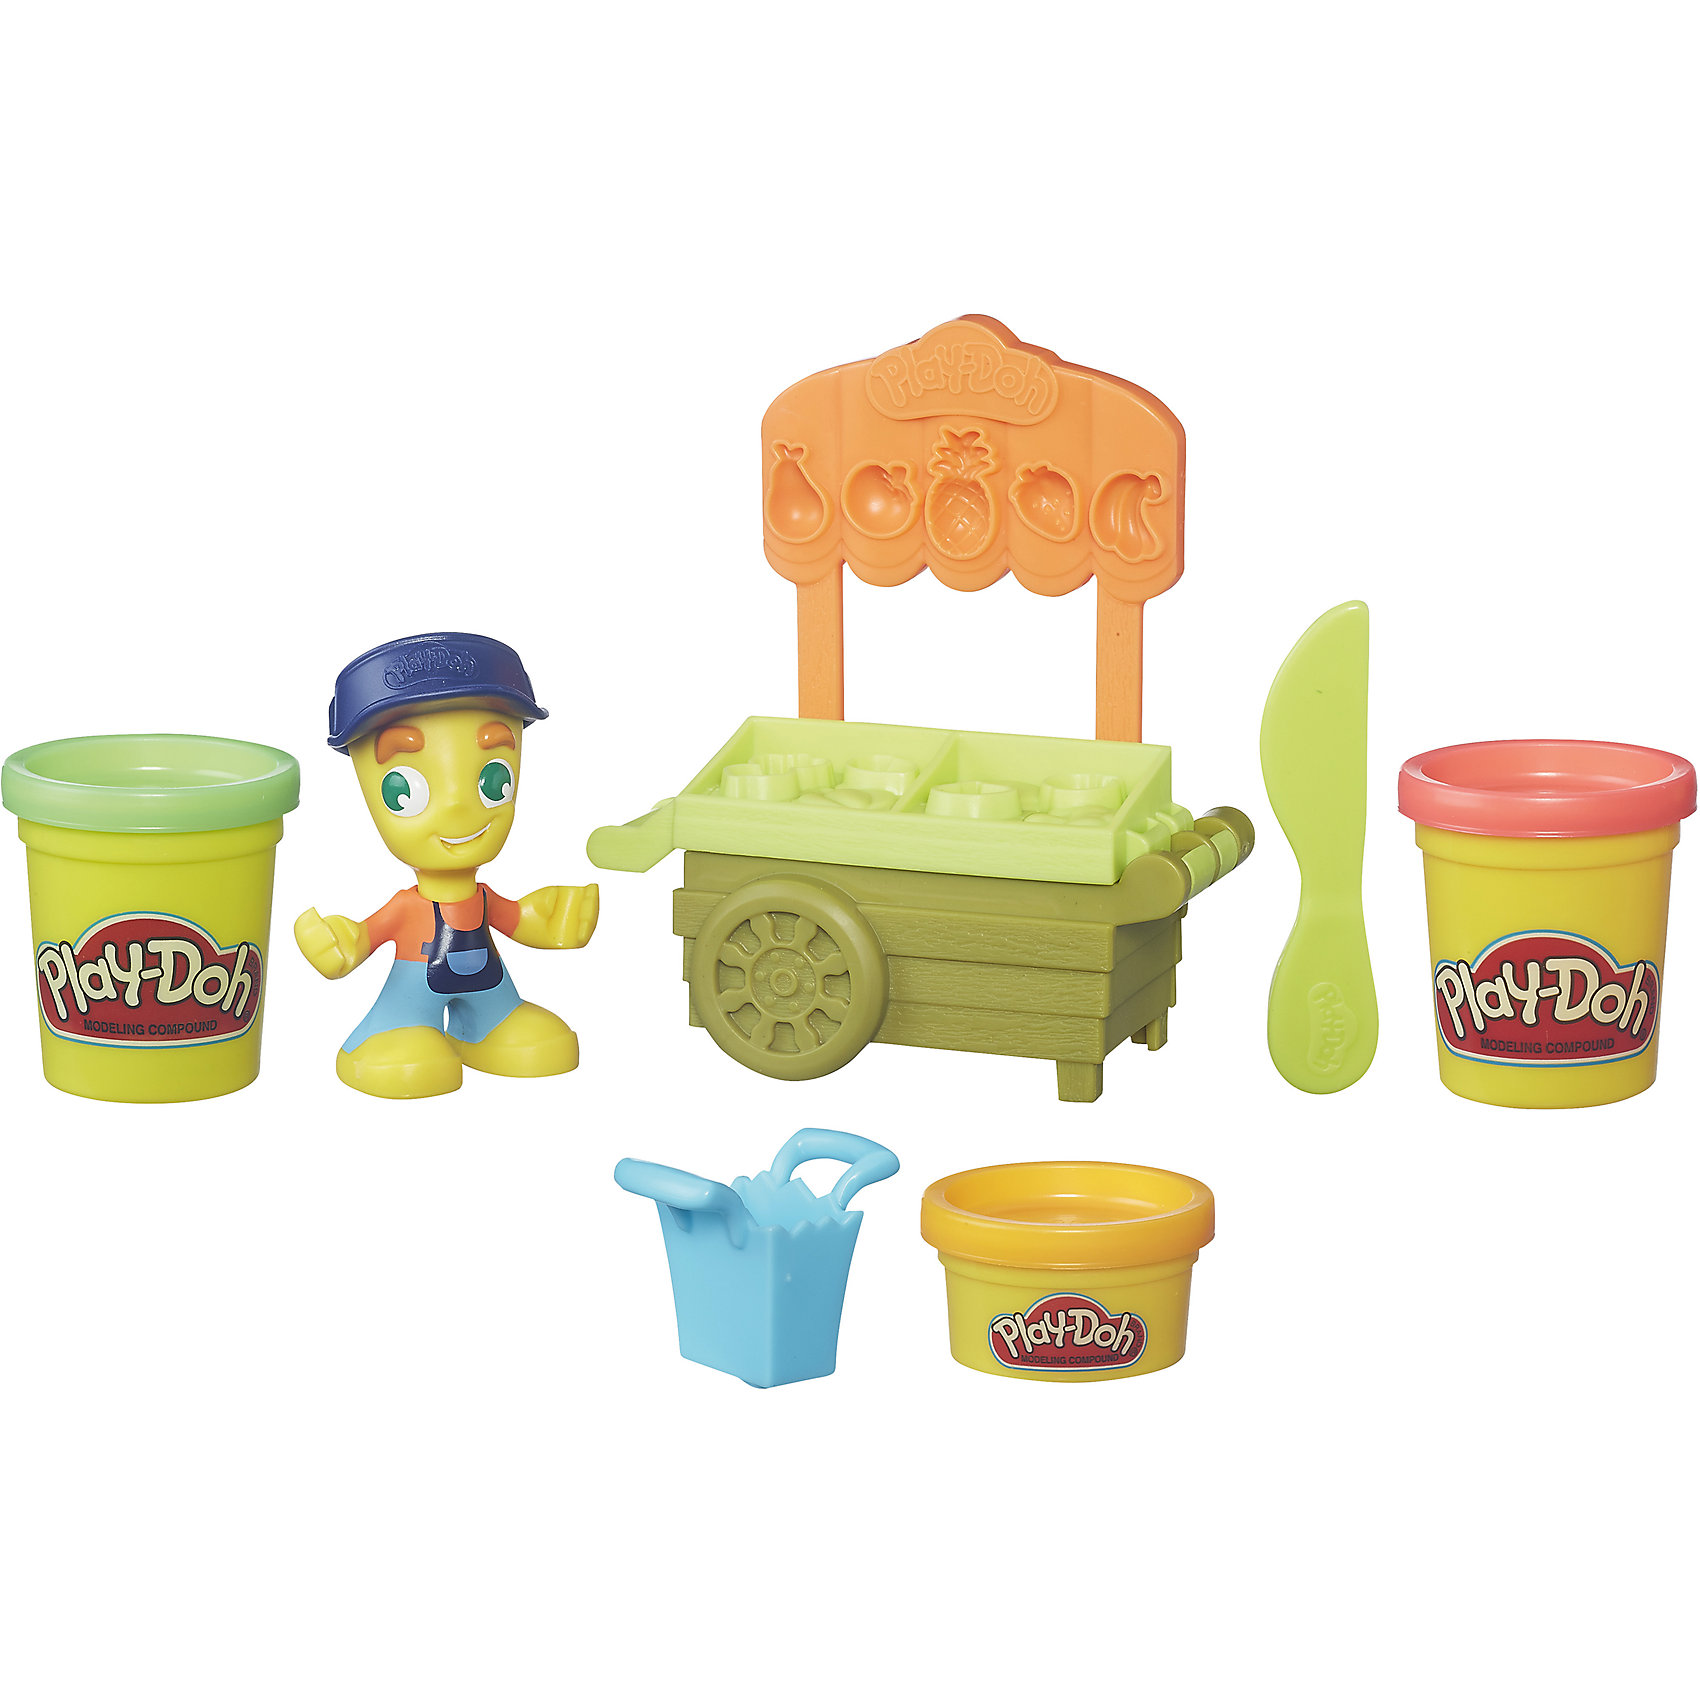 Hasbro Игровой набор Транспортные средства, Play-Doh Город, B5959/B5977 наборы для лепки play doh игровой набор сумасшедшие прически